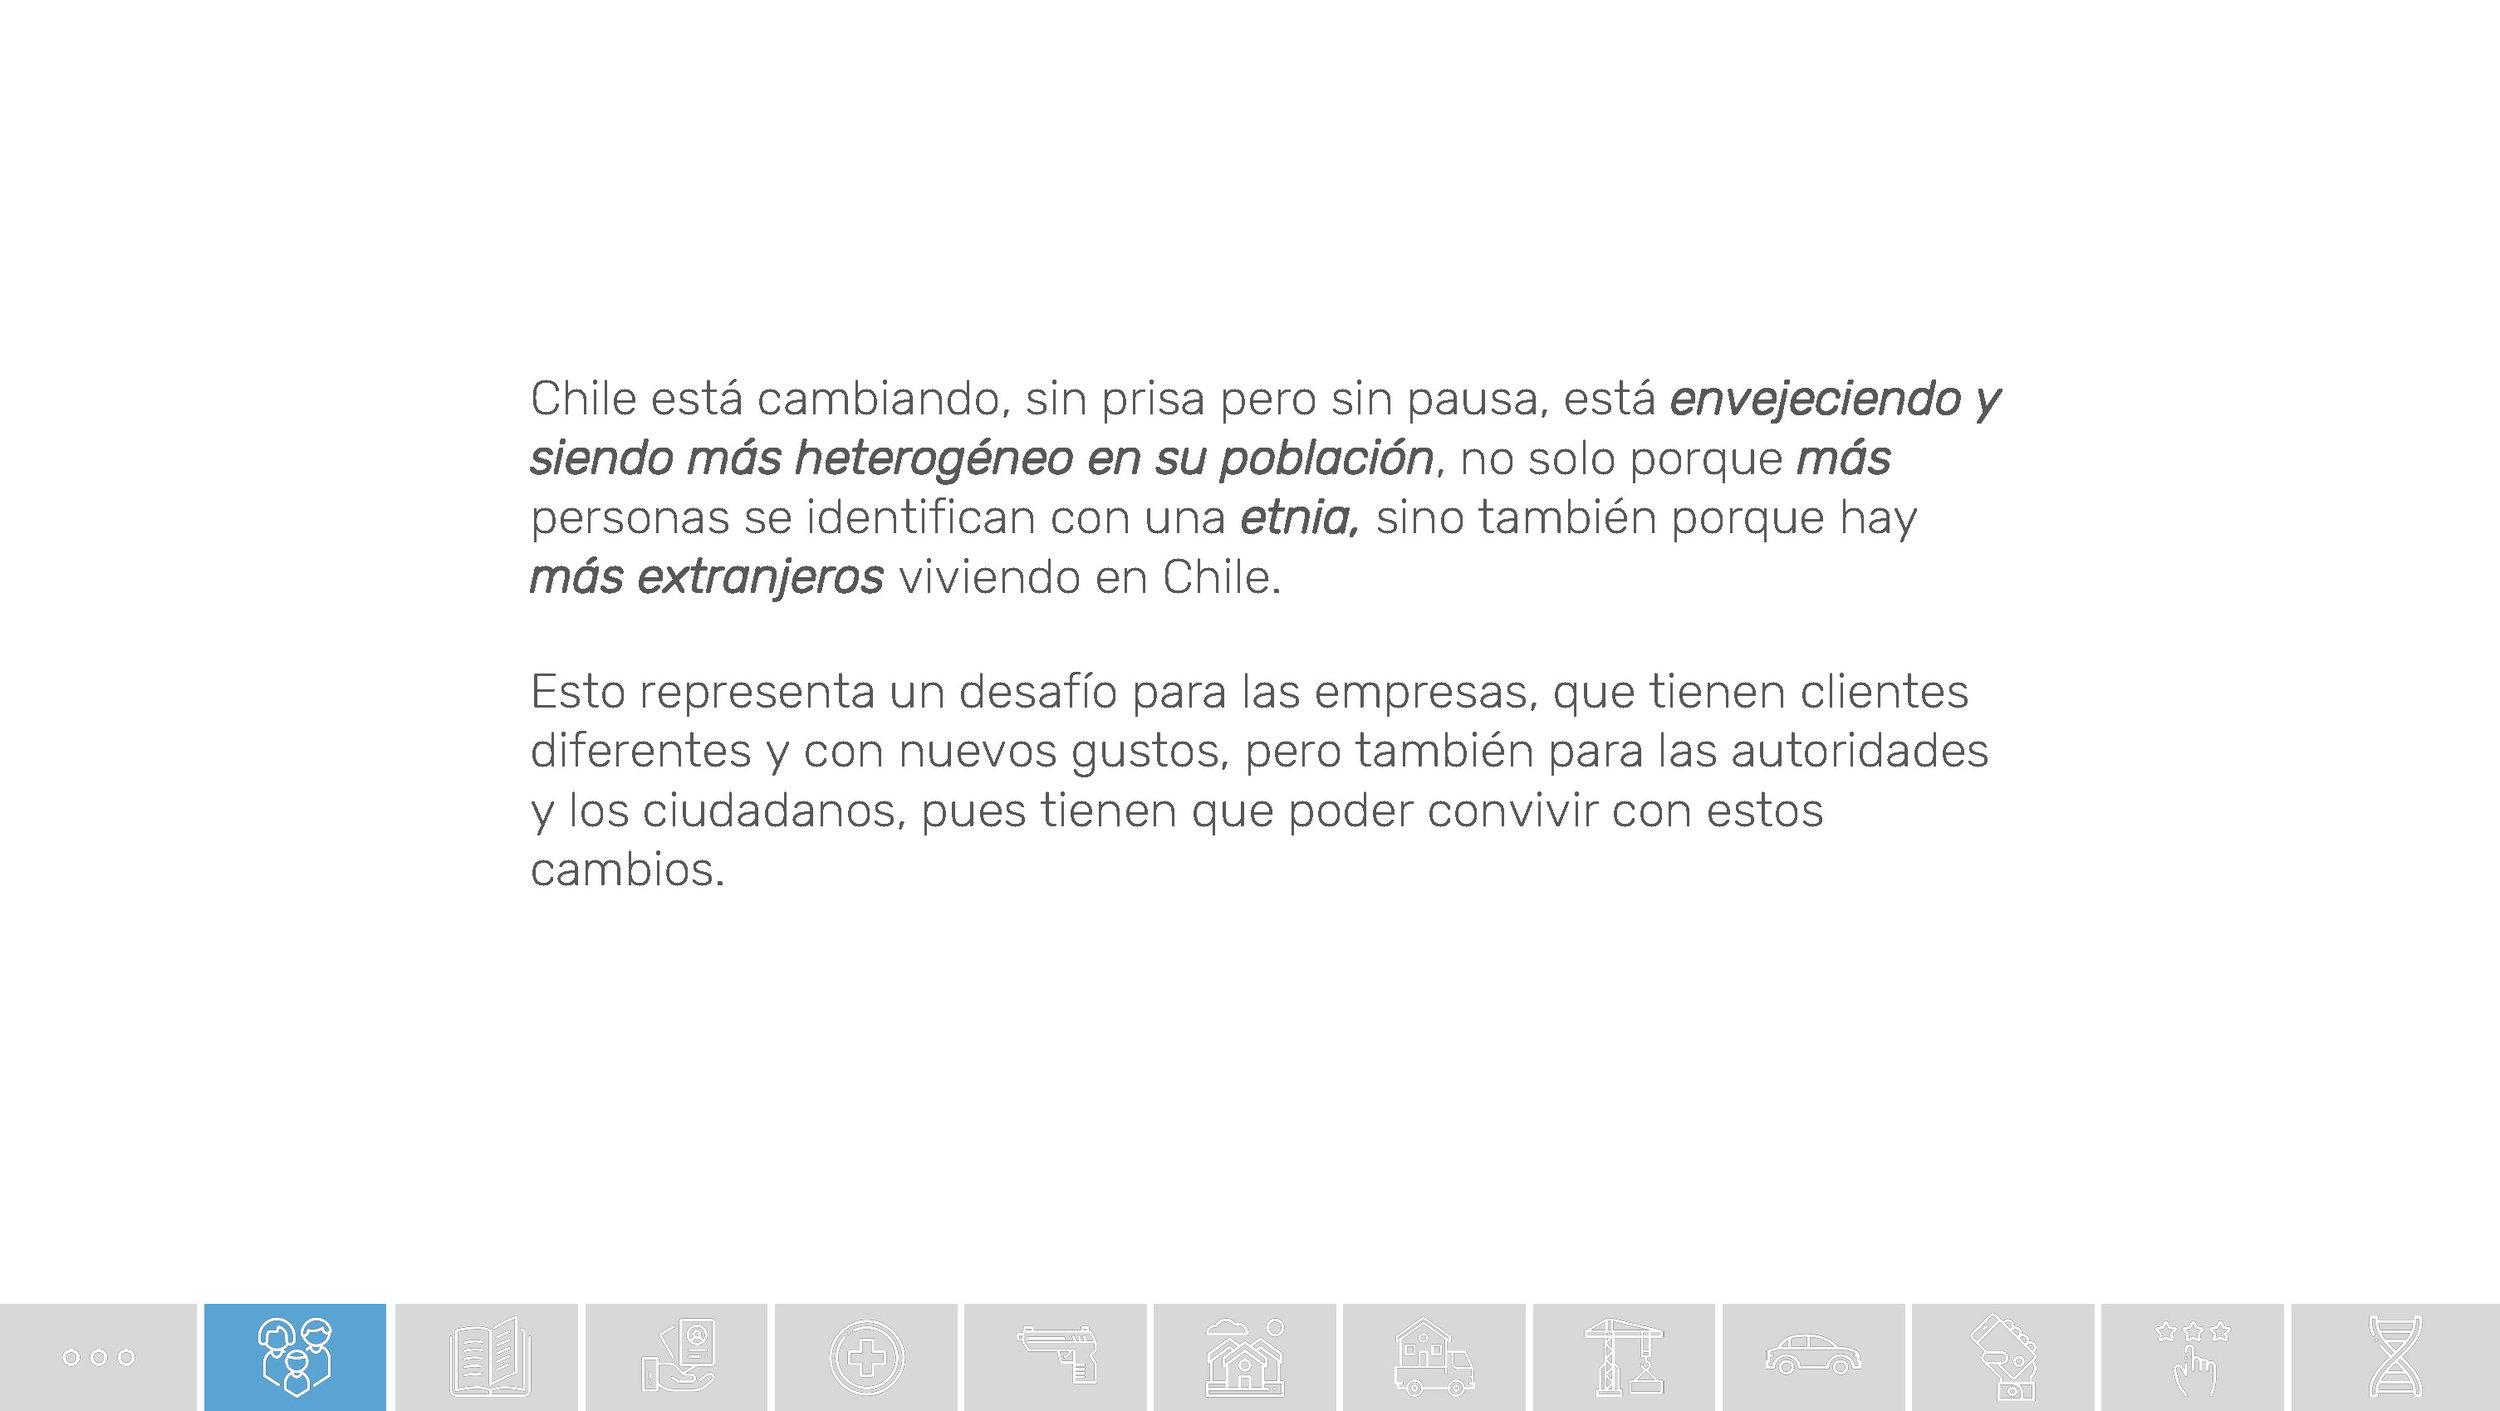 Chile_Datos de una transformacion social_Unholster_Página_16.jpg